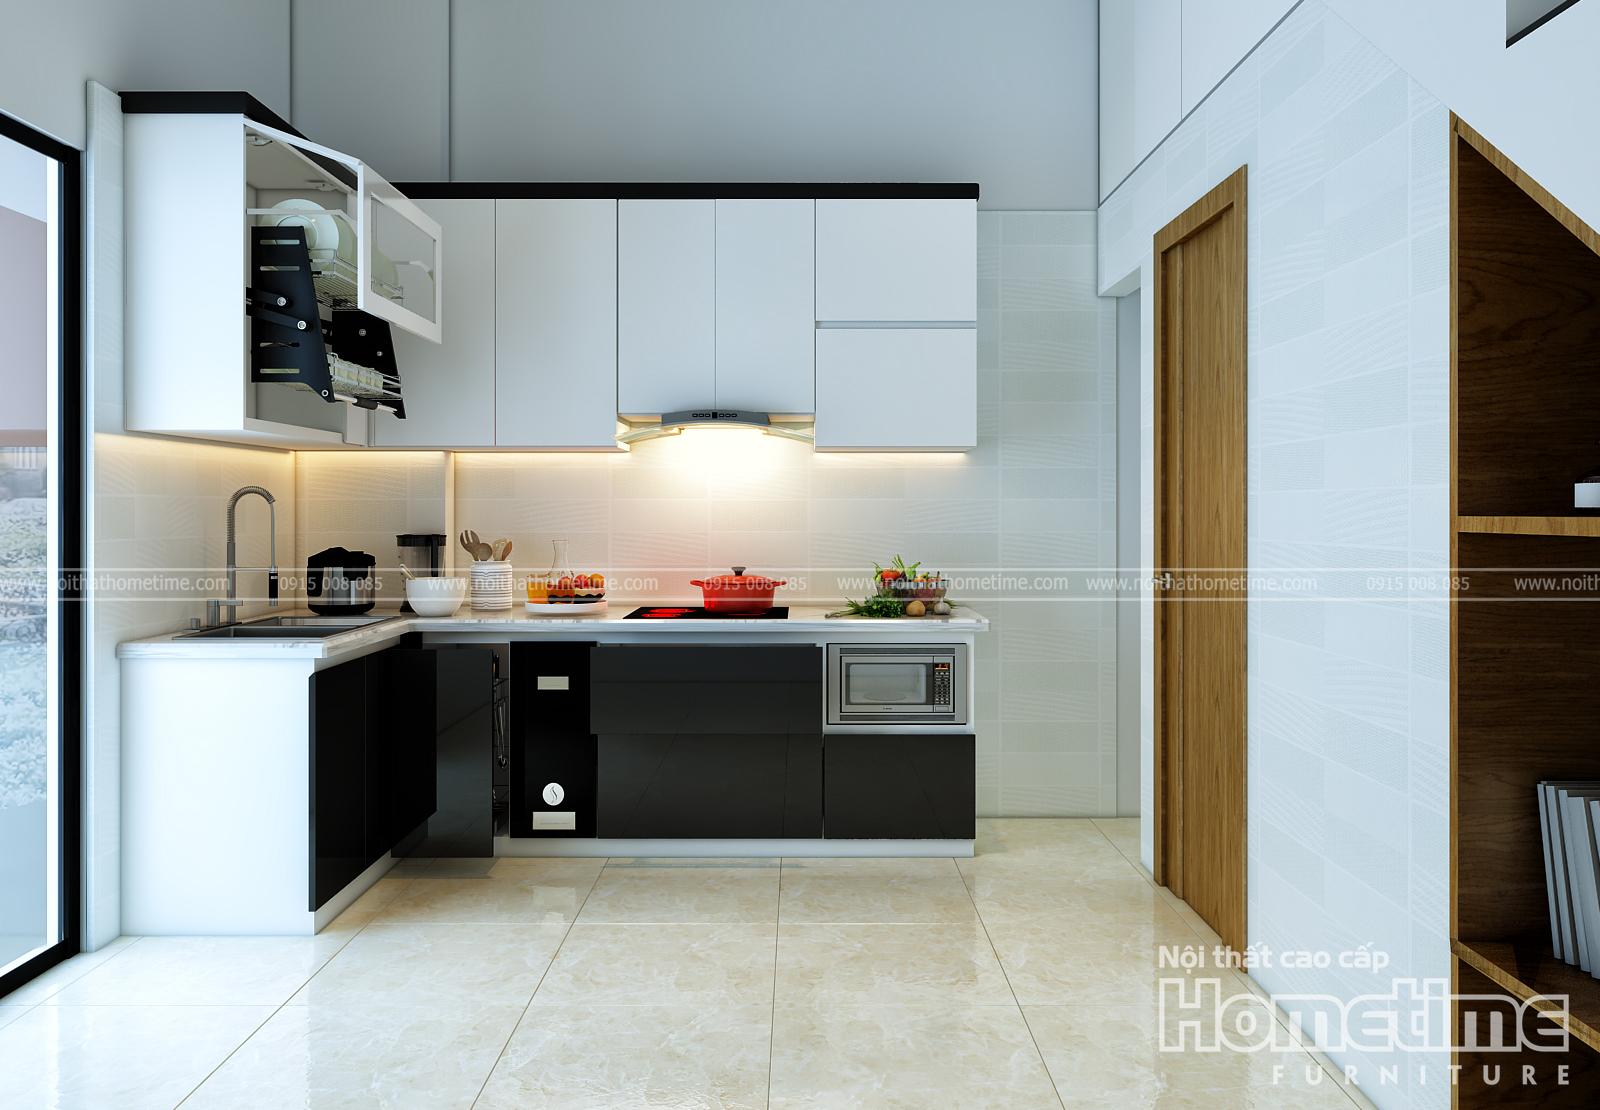 Hình ảnh tổng quan về tủ bếp sơn men nhà cô Thêm